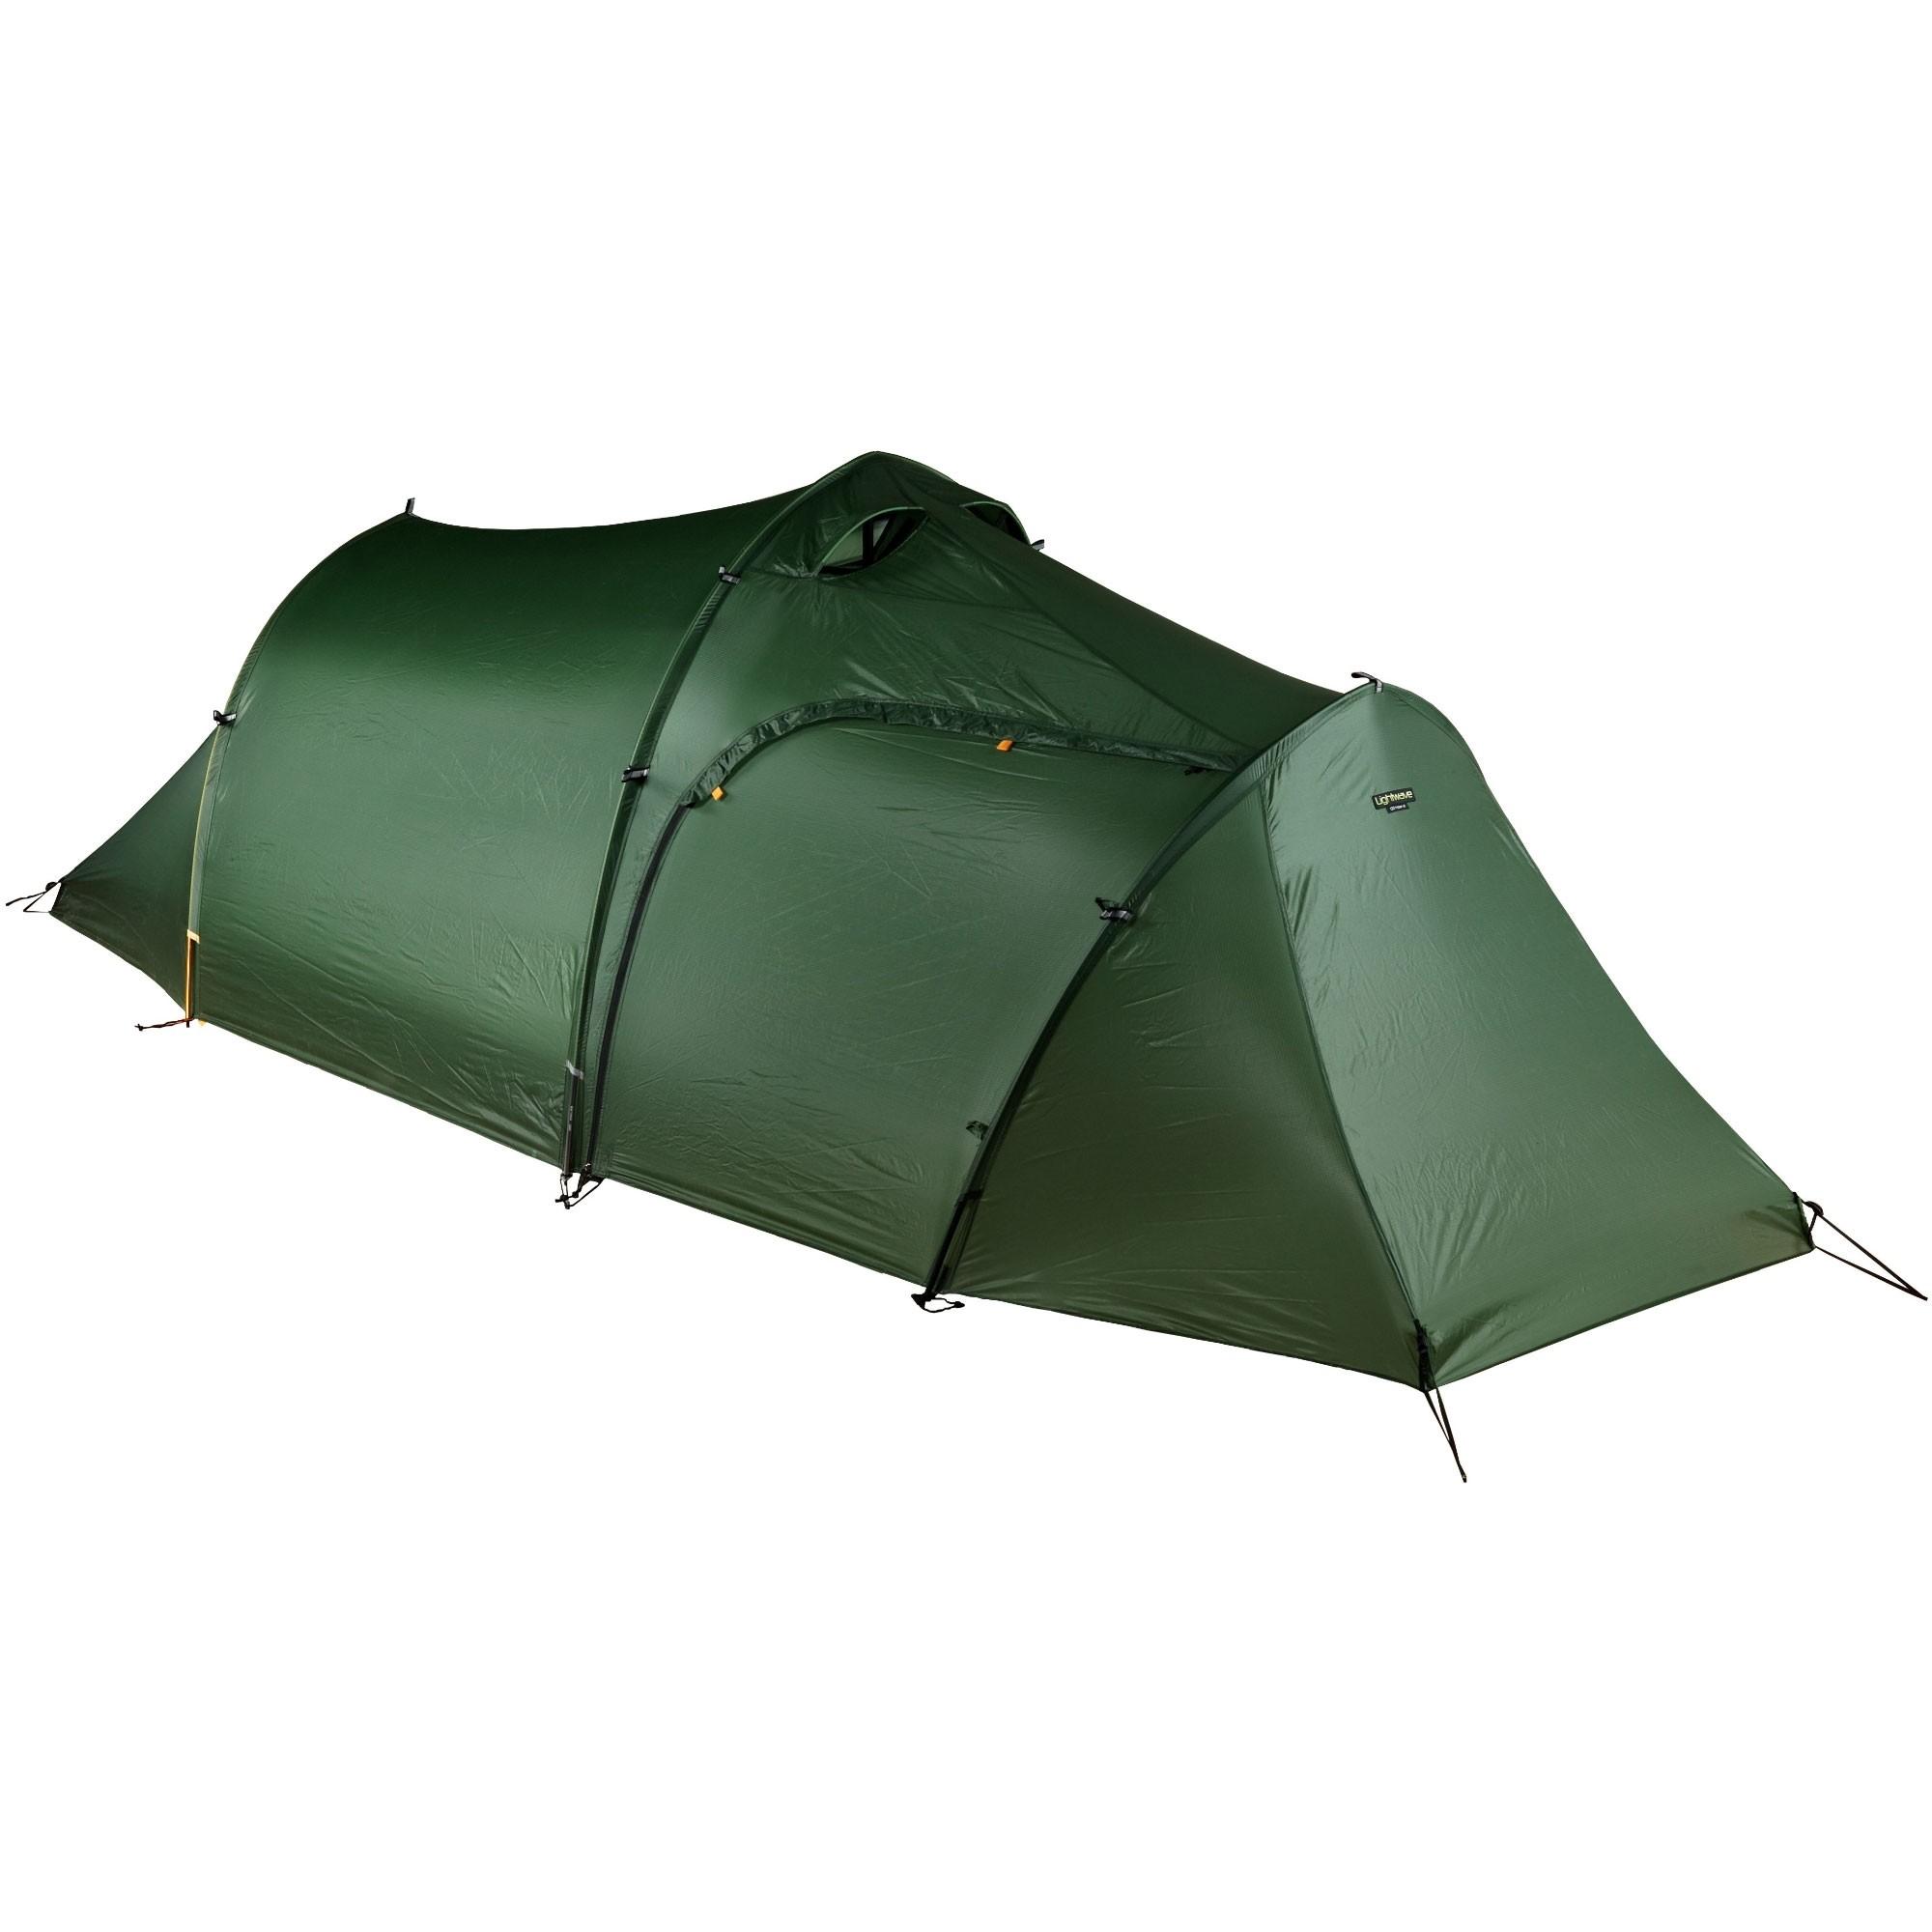 Lightwave-T20-Hyper-XT-Tent Wilderness Green